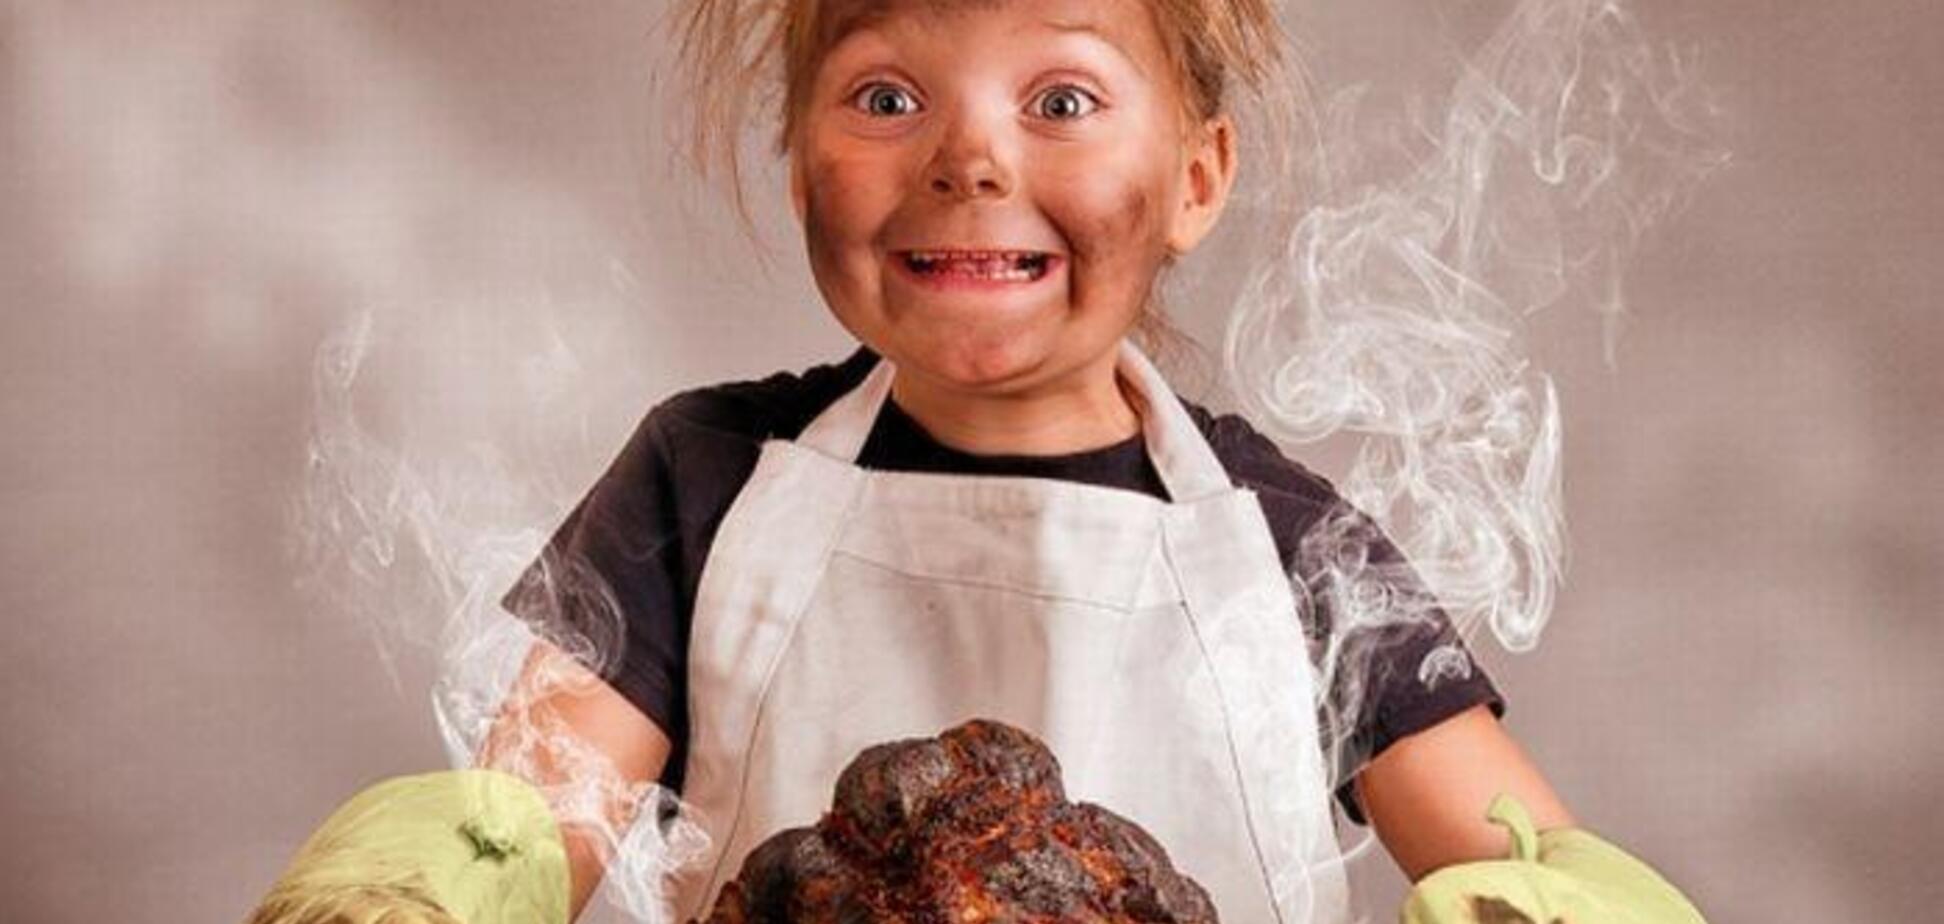 Що робити, якщо не вмієш готувати смачно: поради популярного фуд-блогера